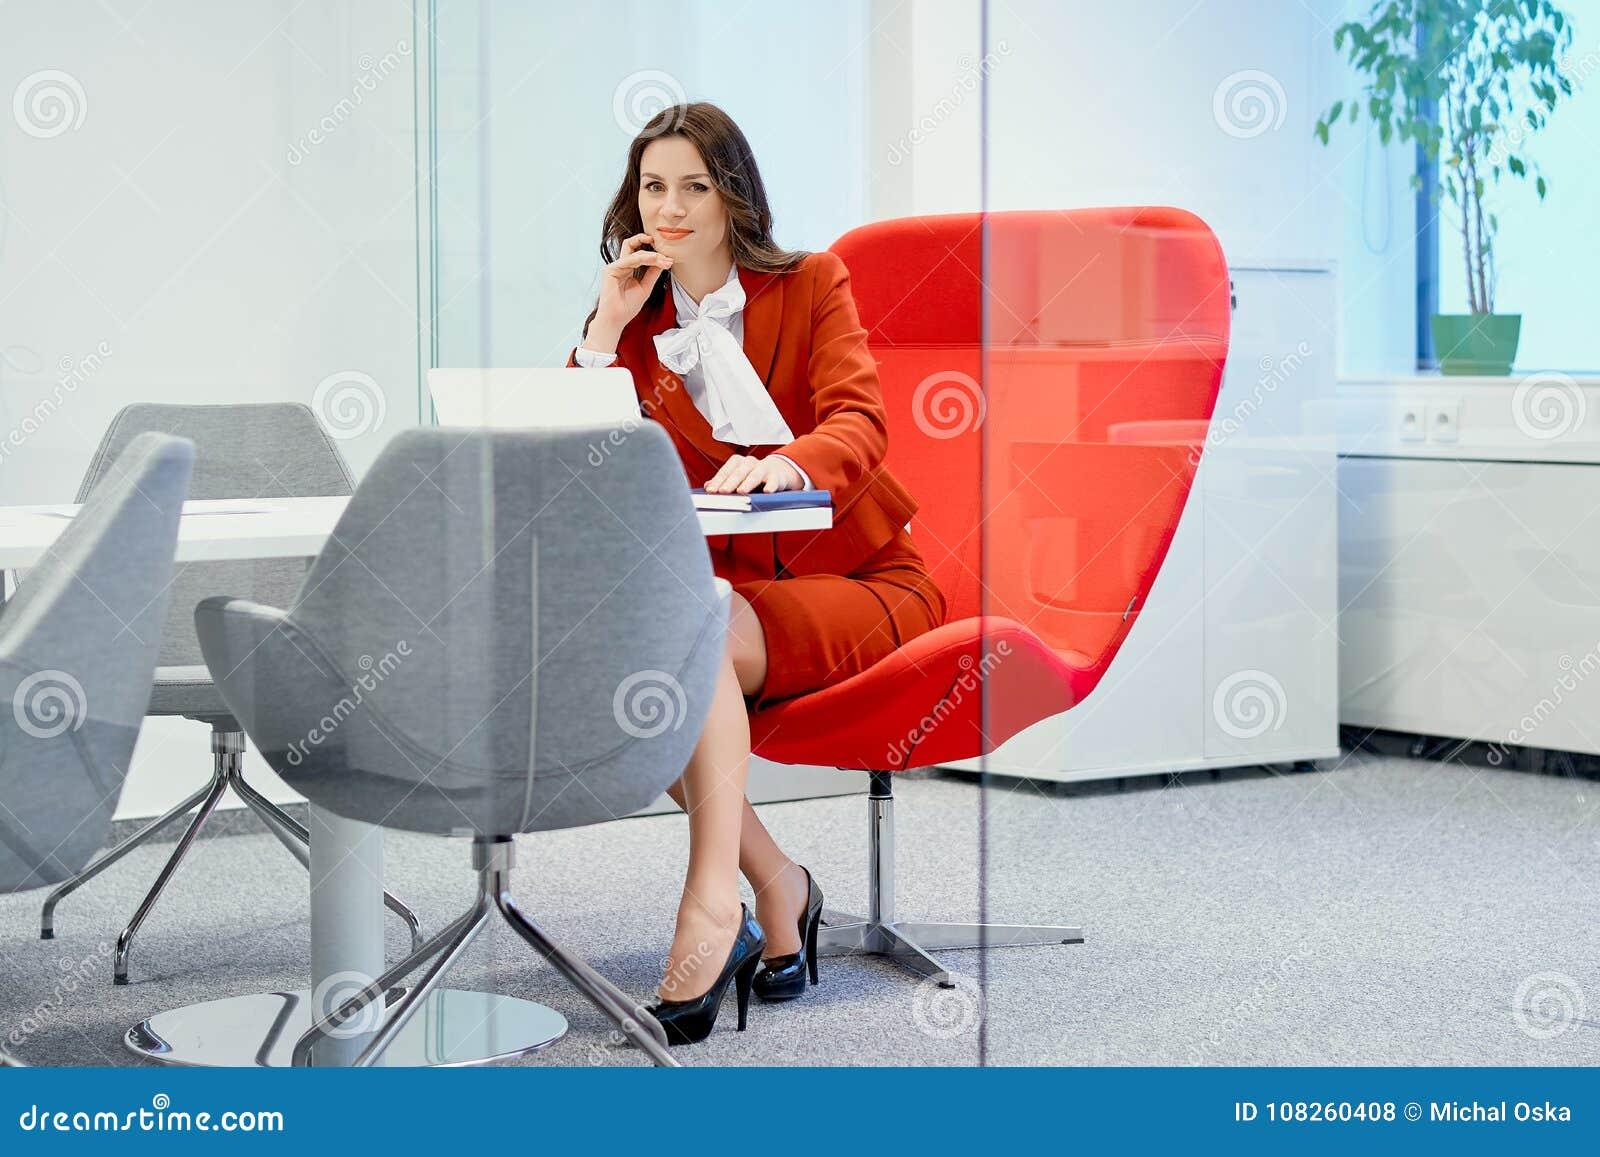 Donna di affari che si siede su una sedia rossa in un ufficio di vetro e negli impianti